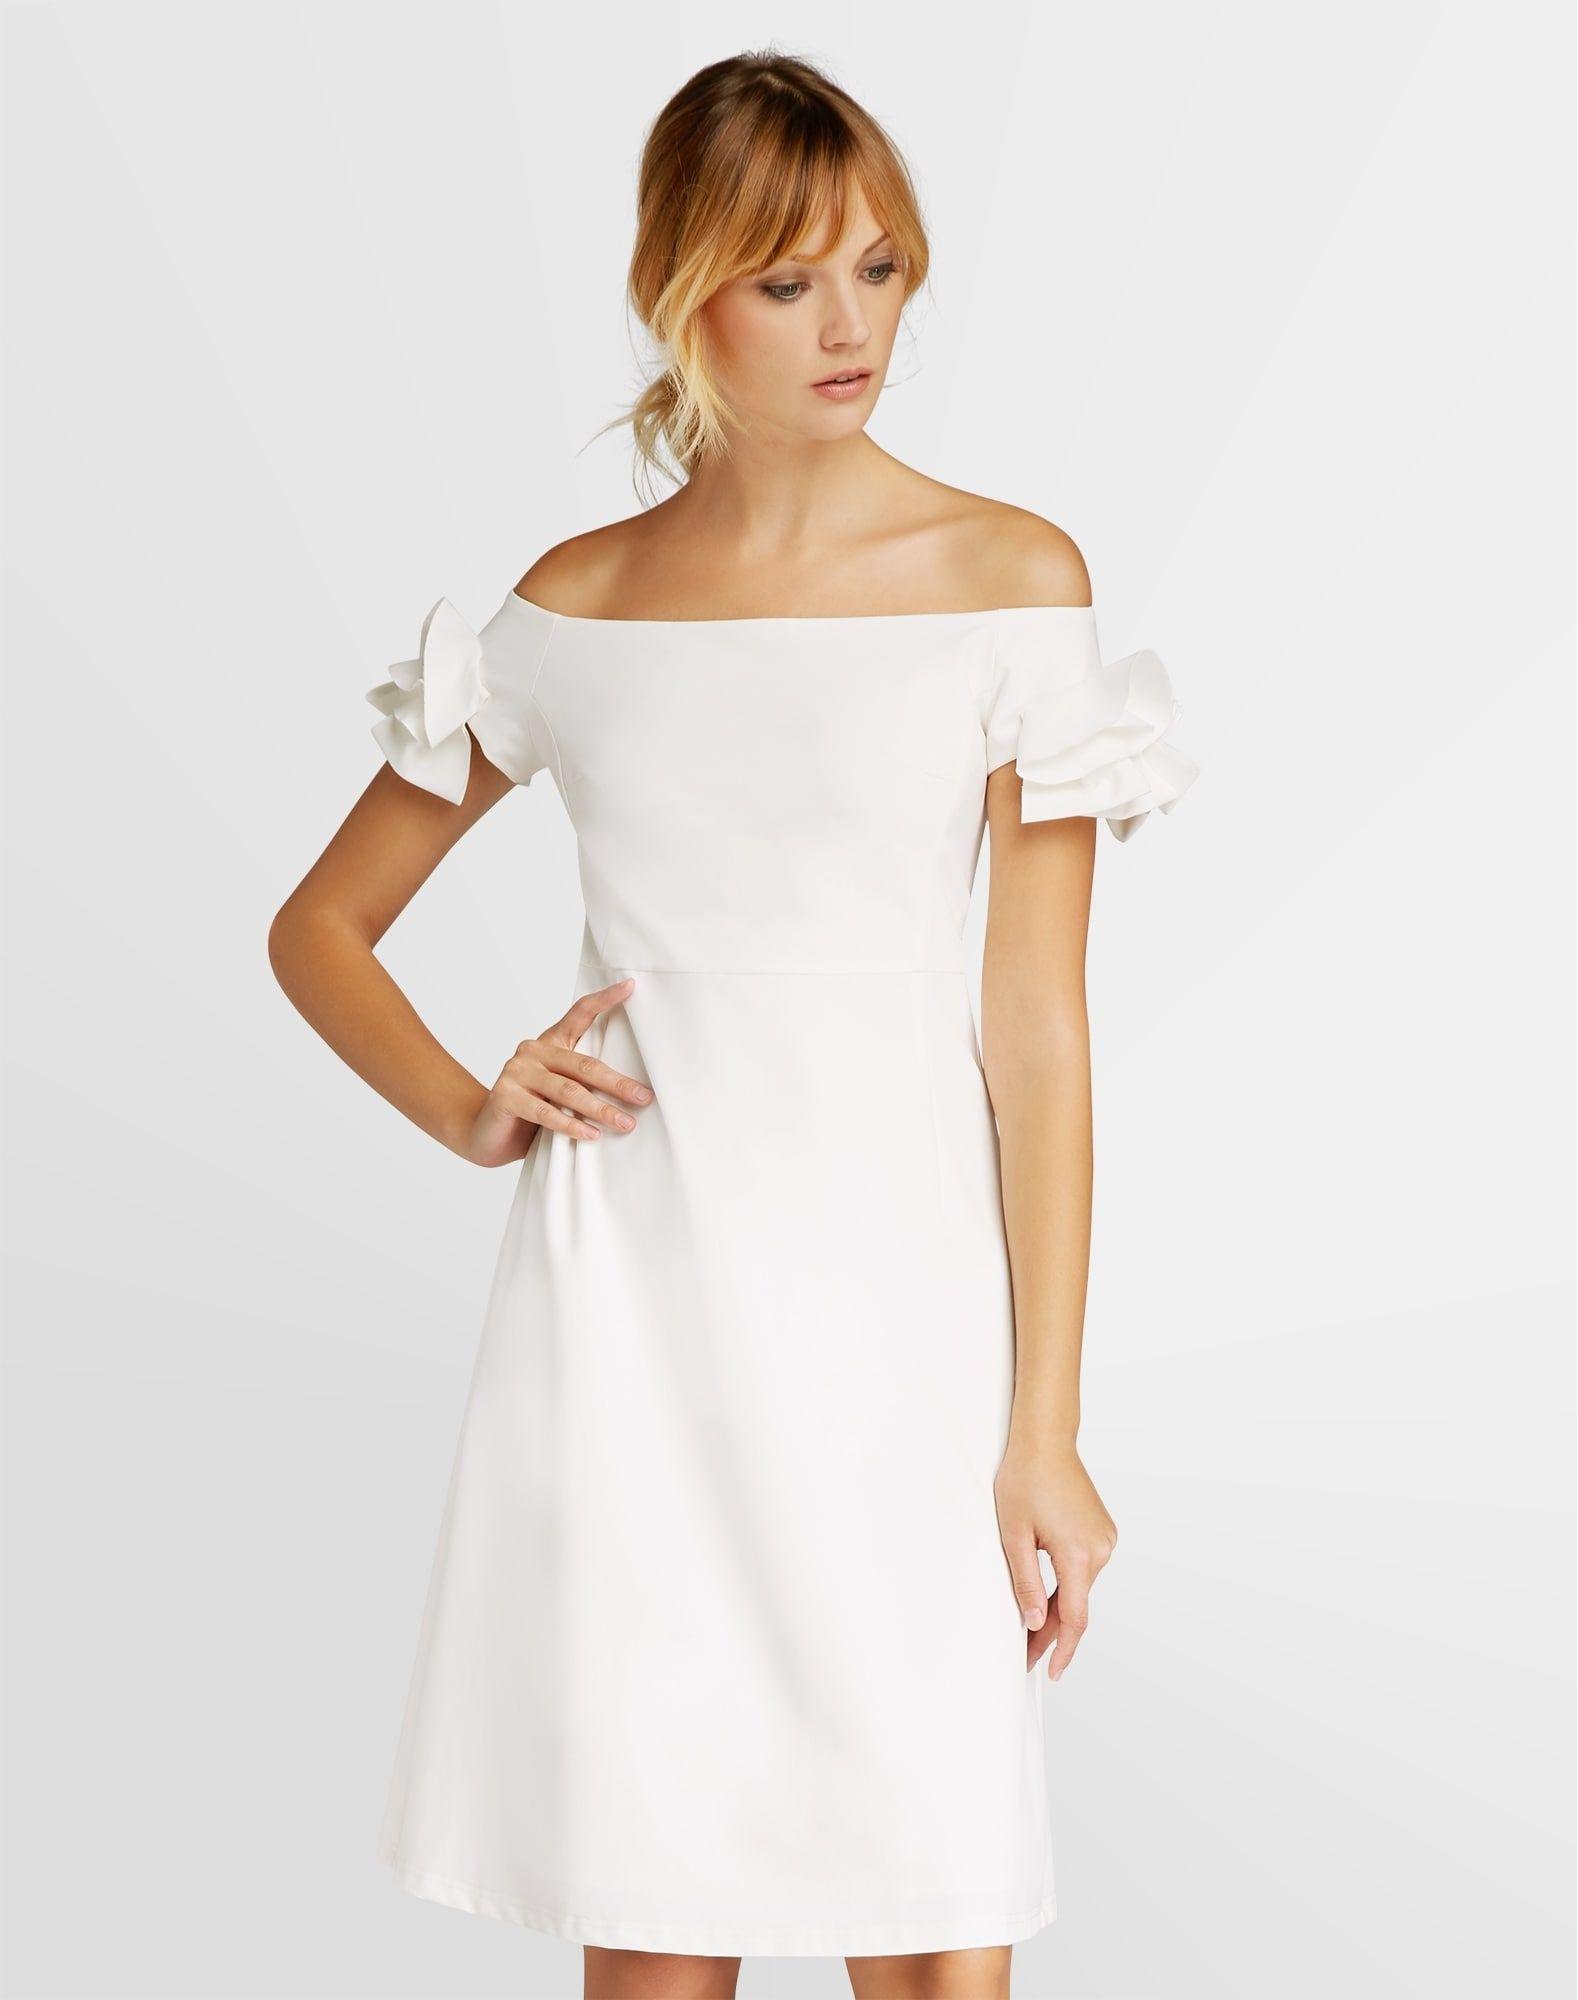 APART Kleid Damen, Weiß, Größe 14  Kleider, Apart kleider